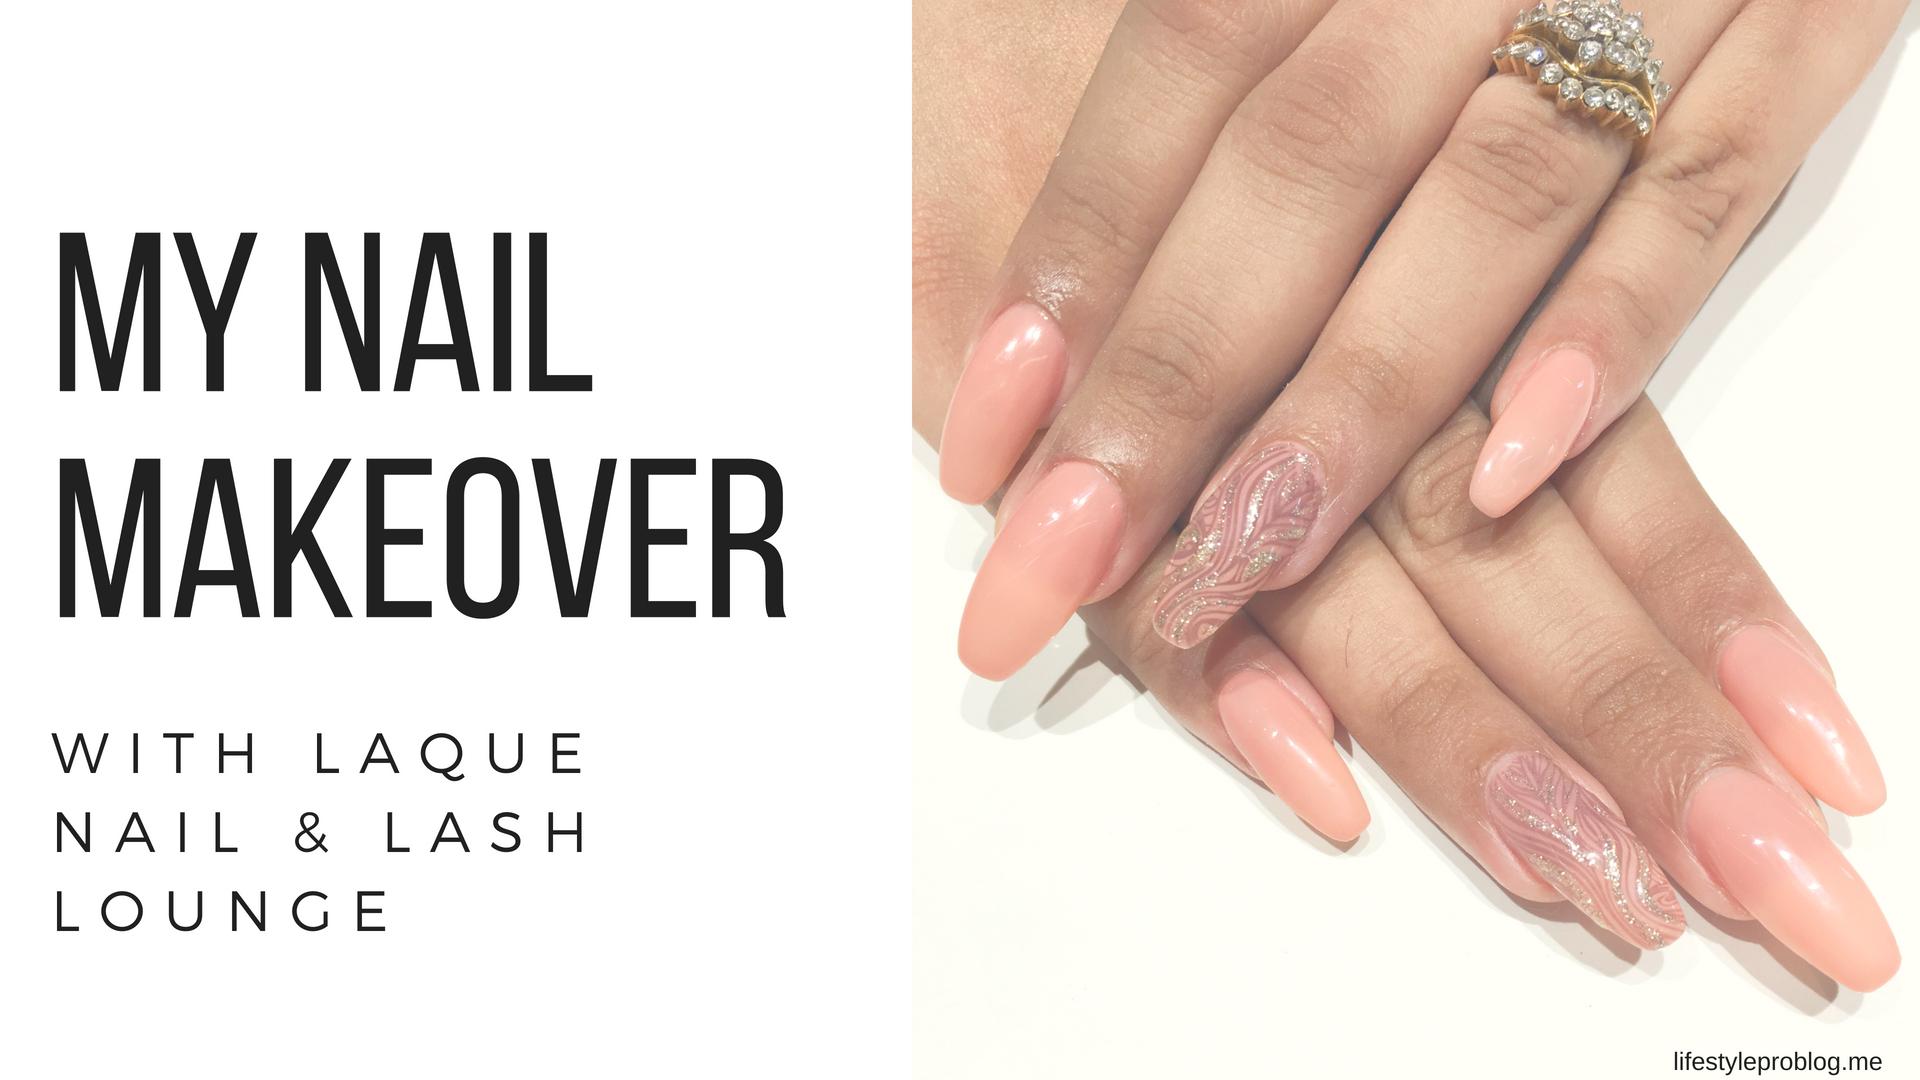 Laque Nail & Lash Lounge header